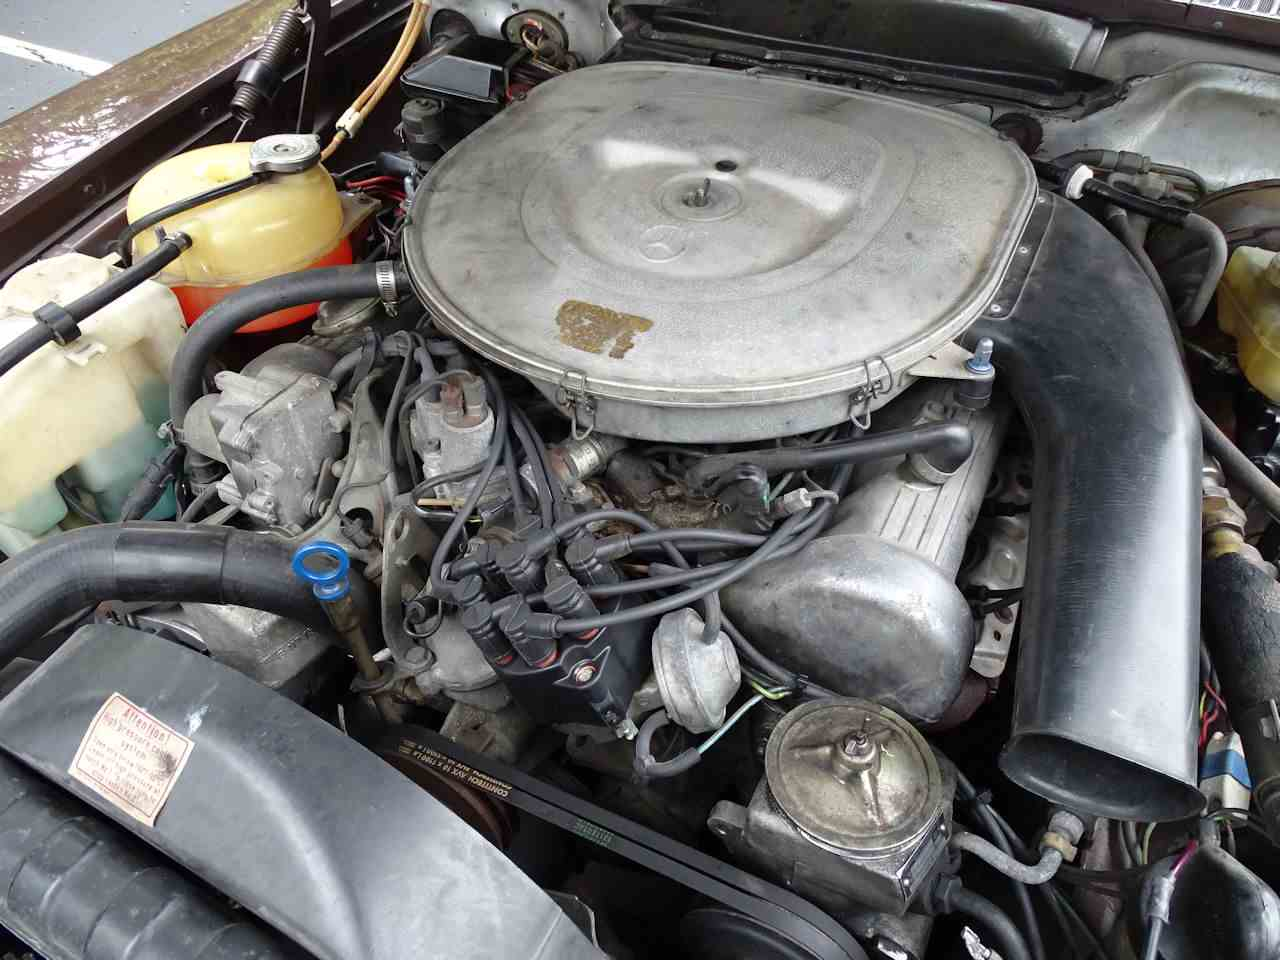 1981 mercedes benz 380sl for sale cc for Deptford motor vehicle inspection